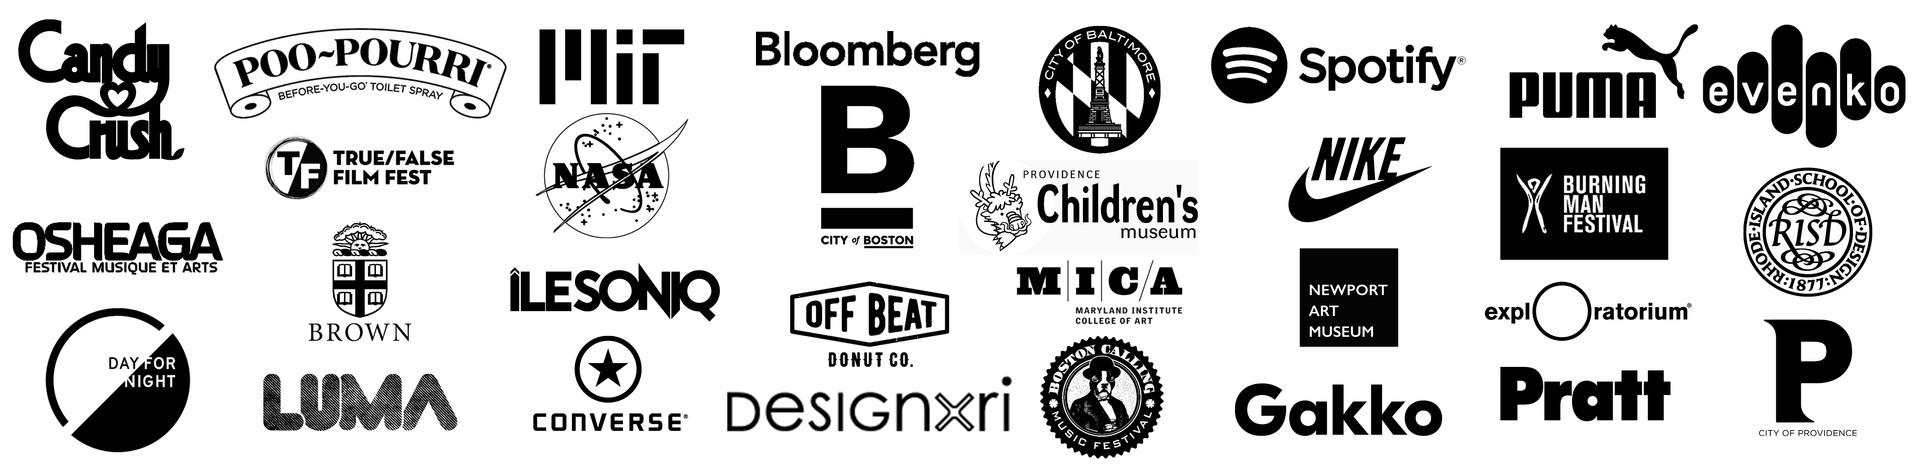 logo bar 1 bw.jpg